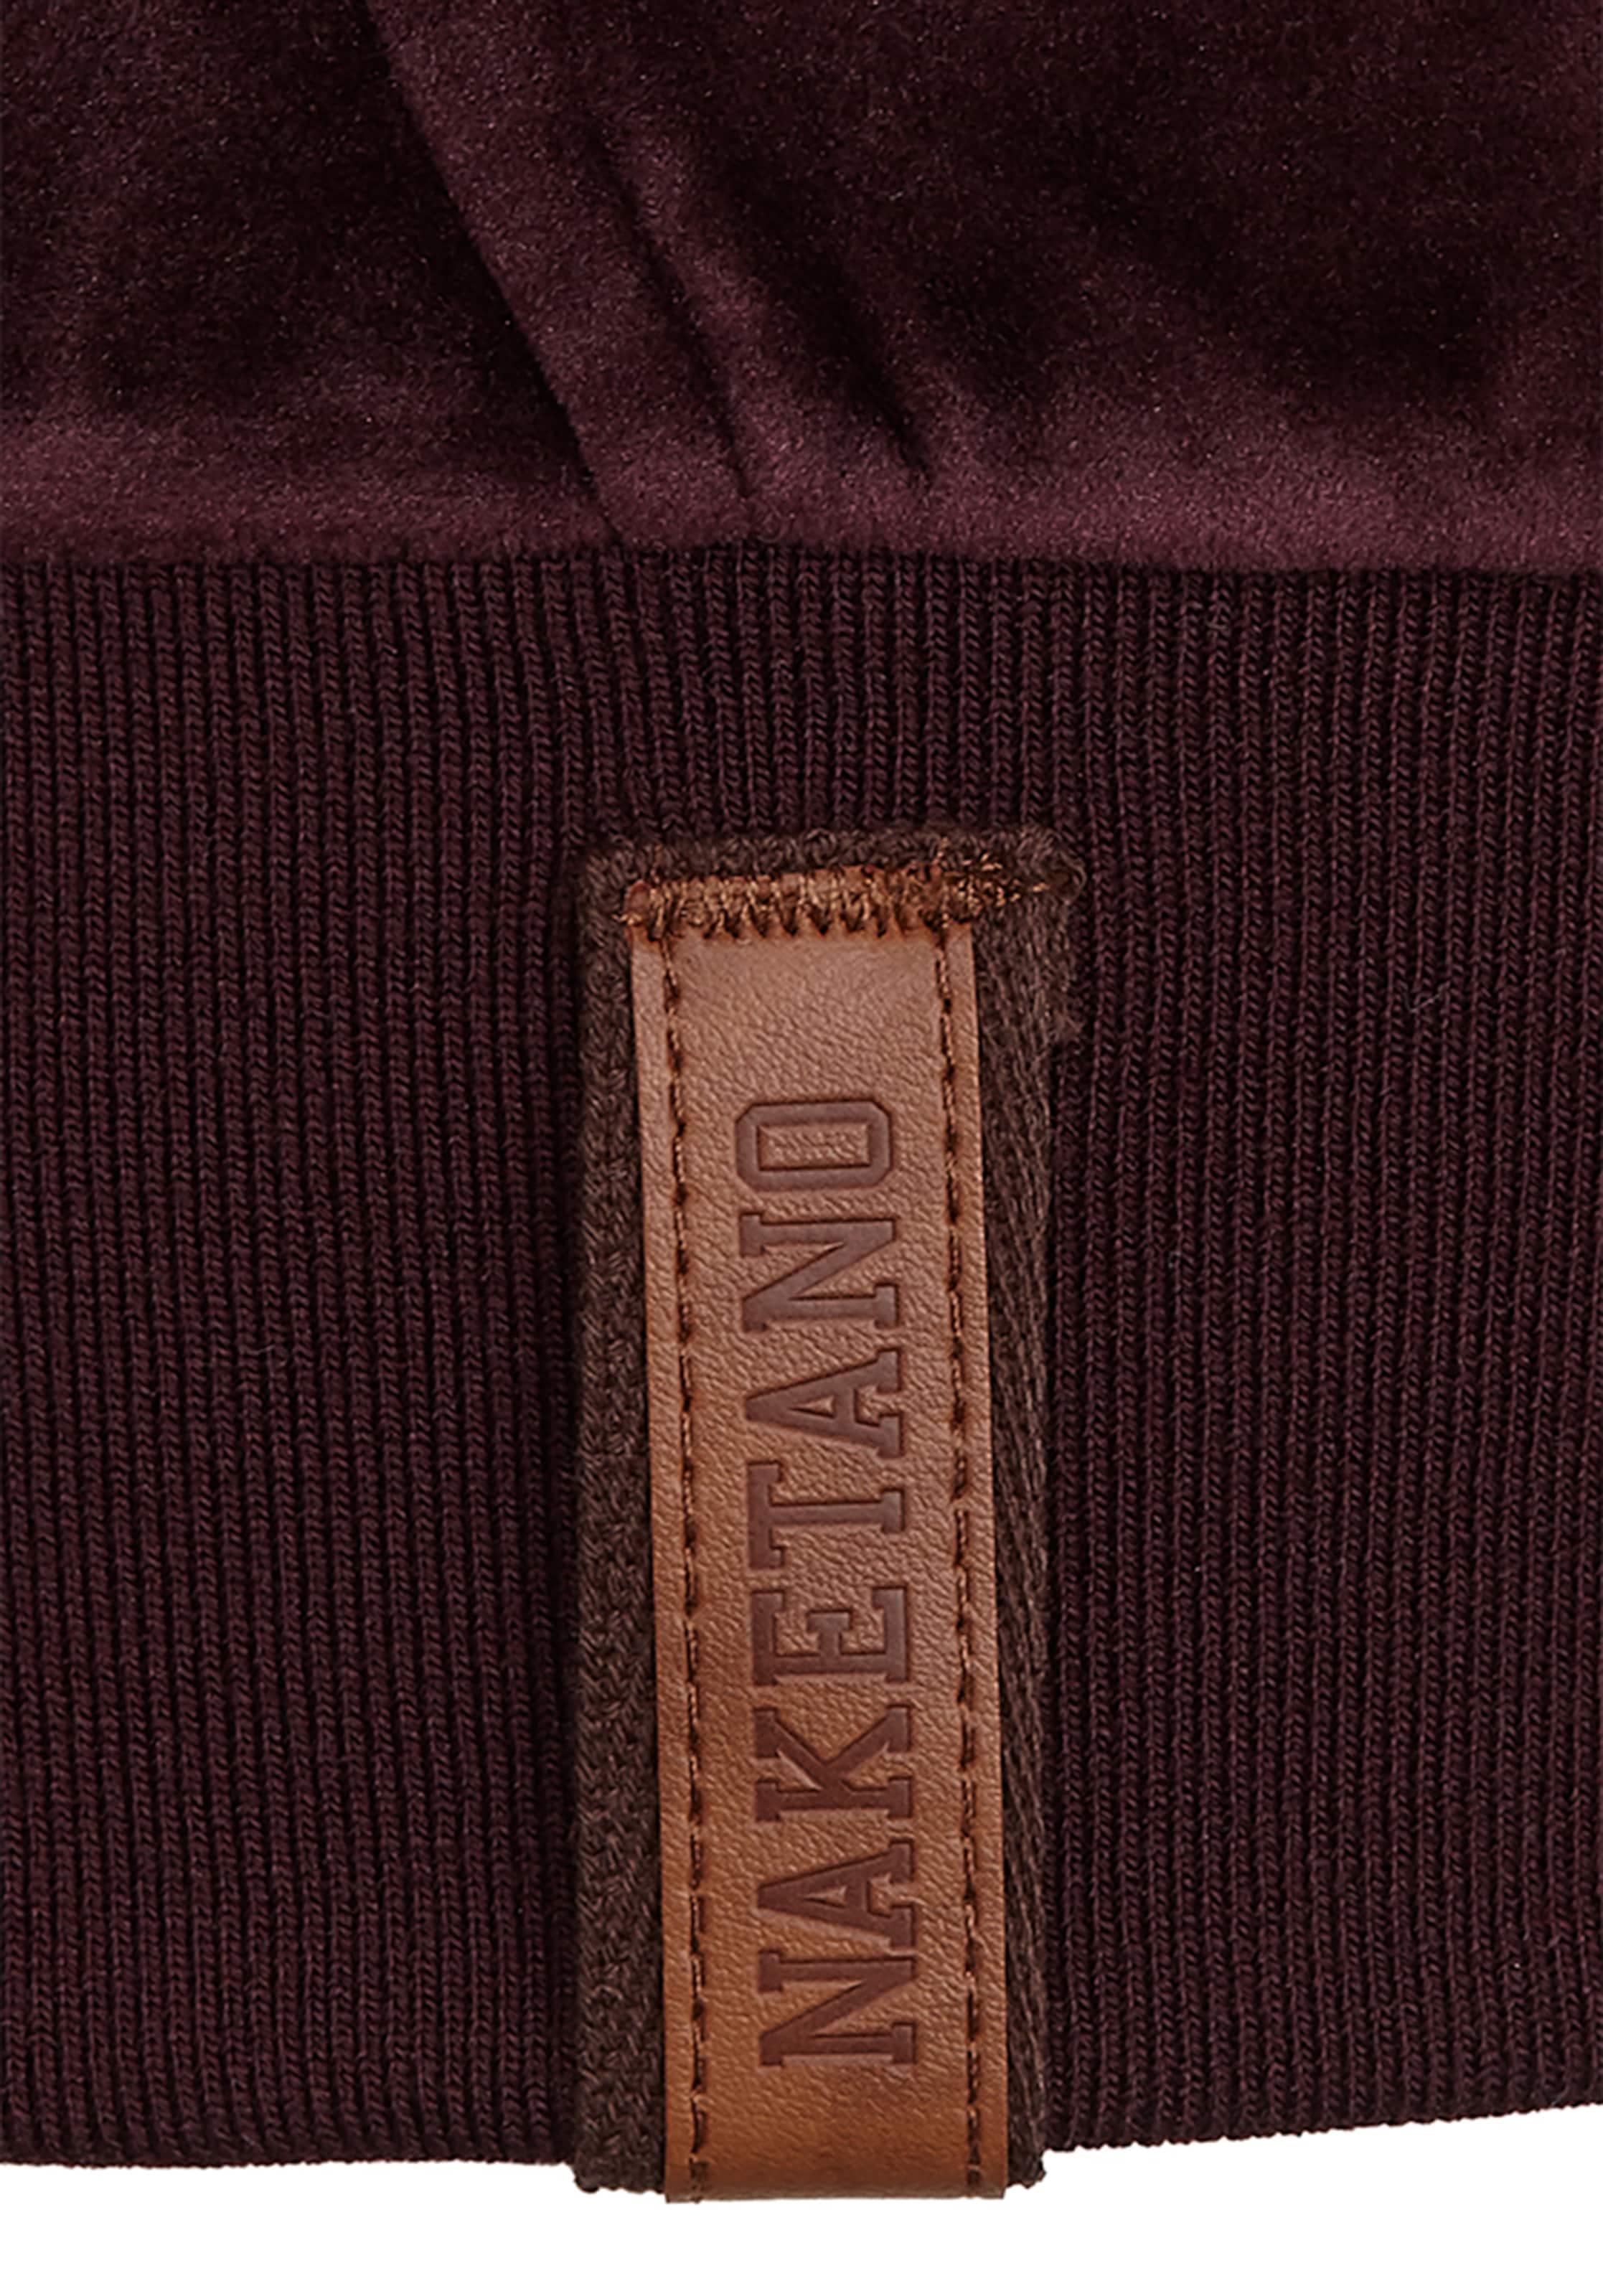 Naketano In Jacke Naketano Naketano Naketano In In Bordeaux Jacke Jacke Bordeaux Bordeaux Jacke WD2IE9YbeH